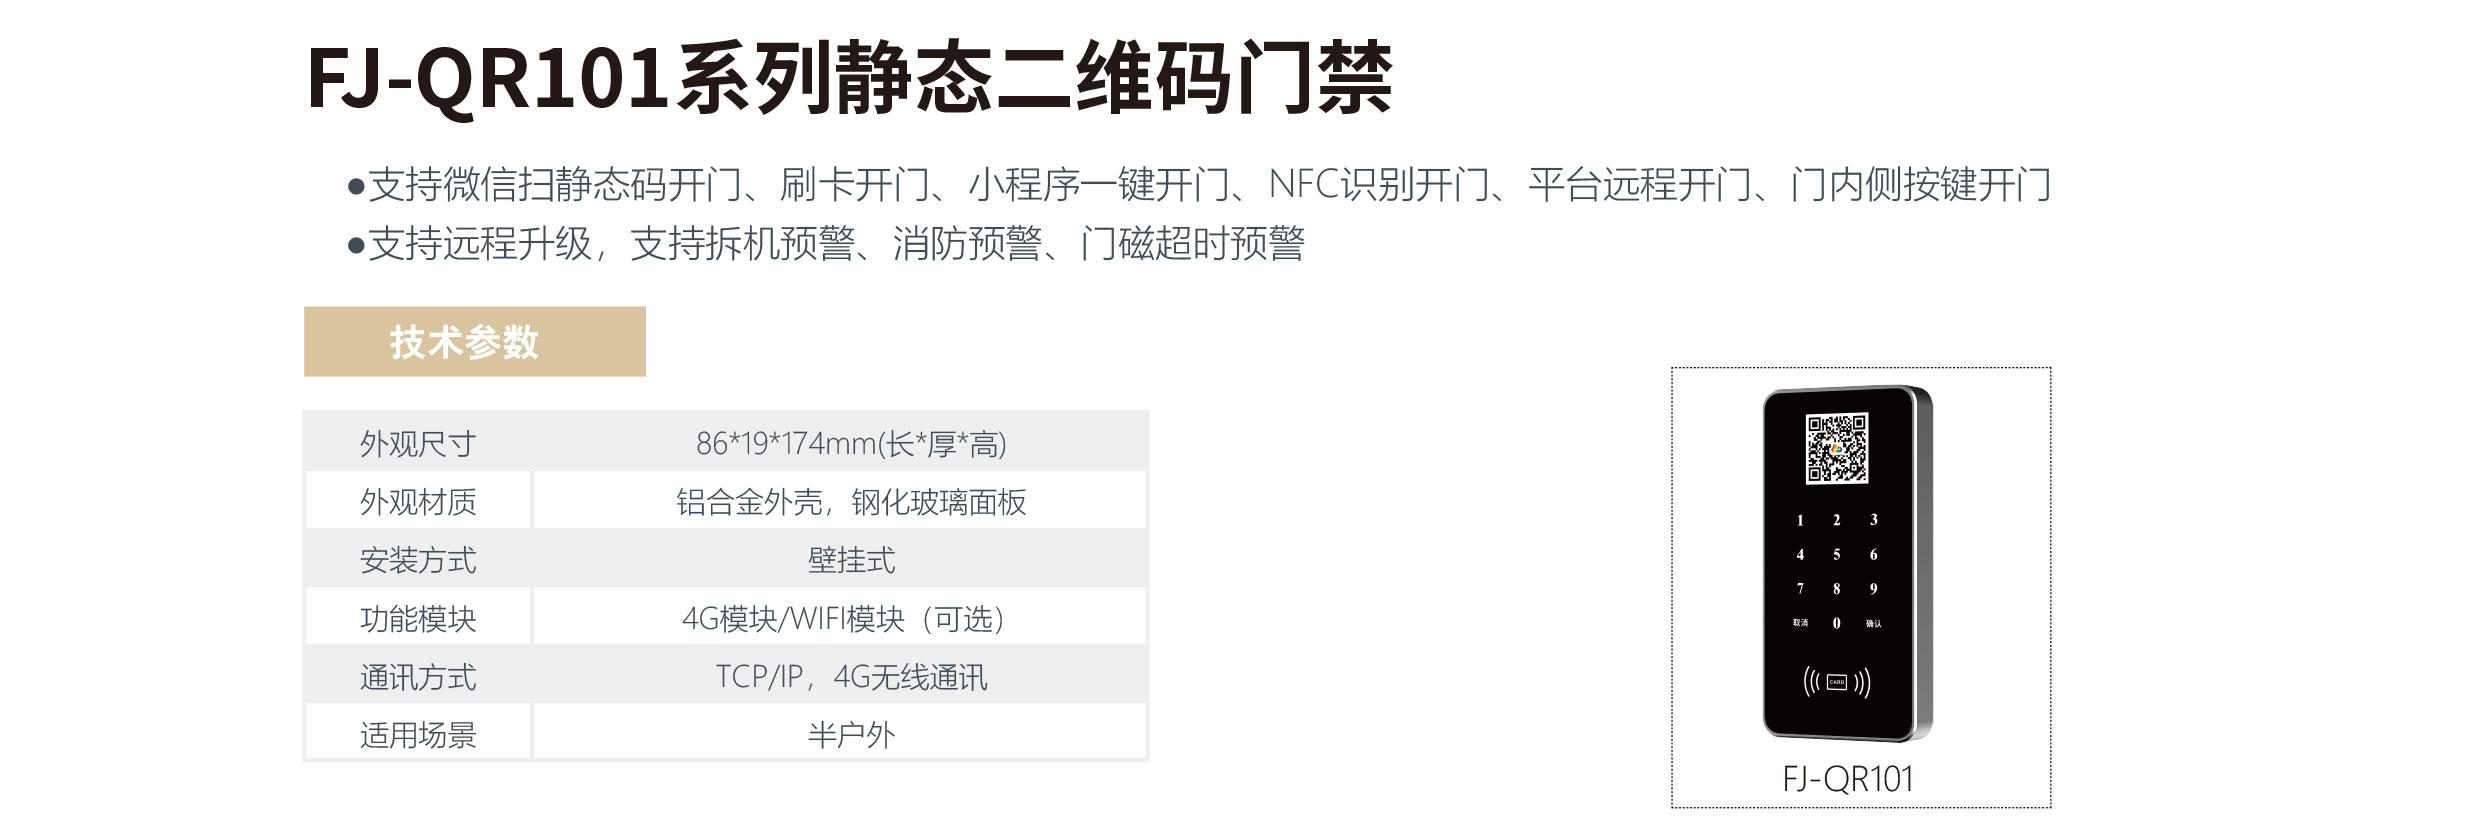 杭州富居数码科技有限公司最终稿-17_02.jpg